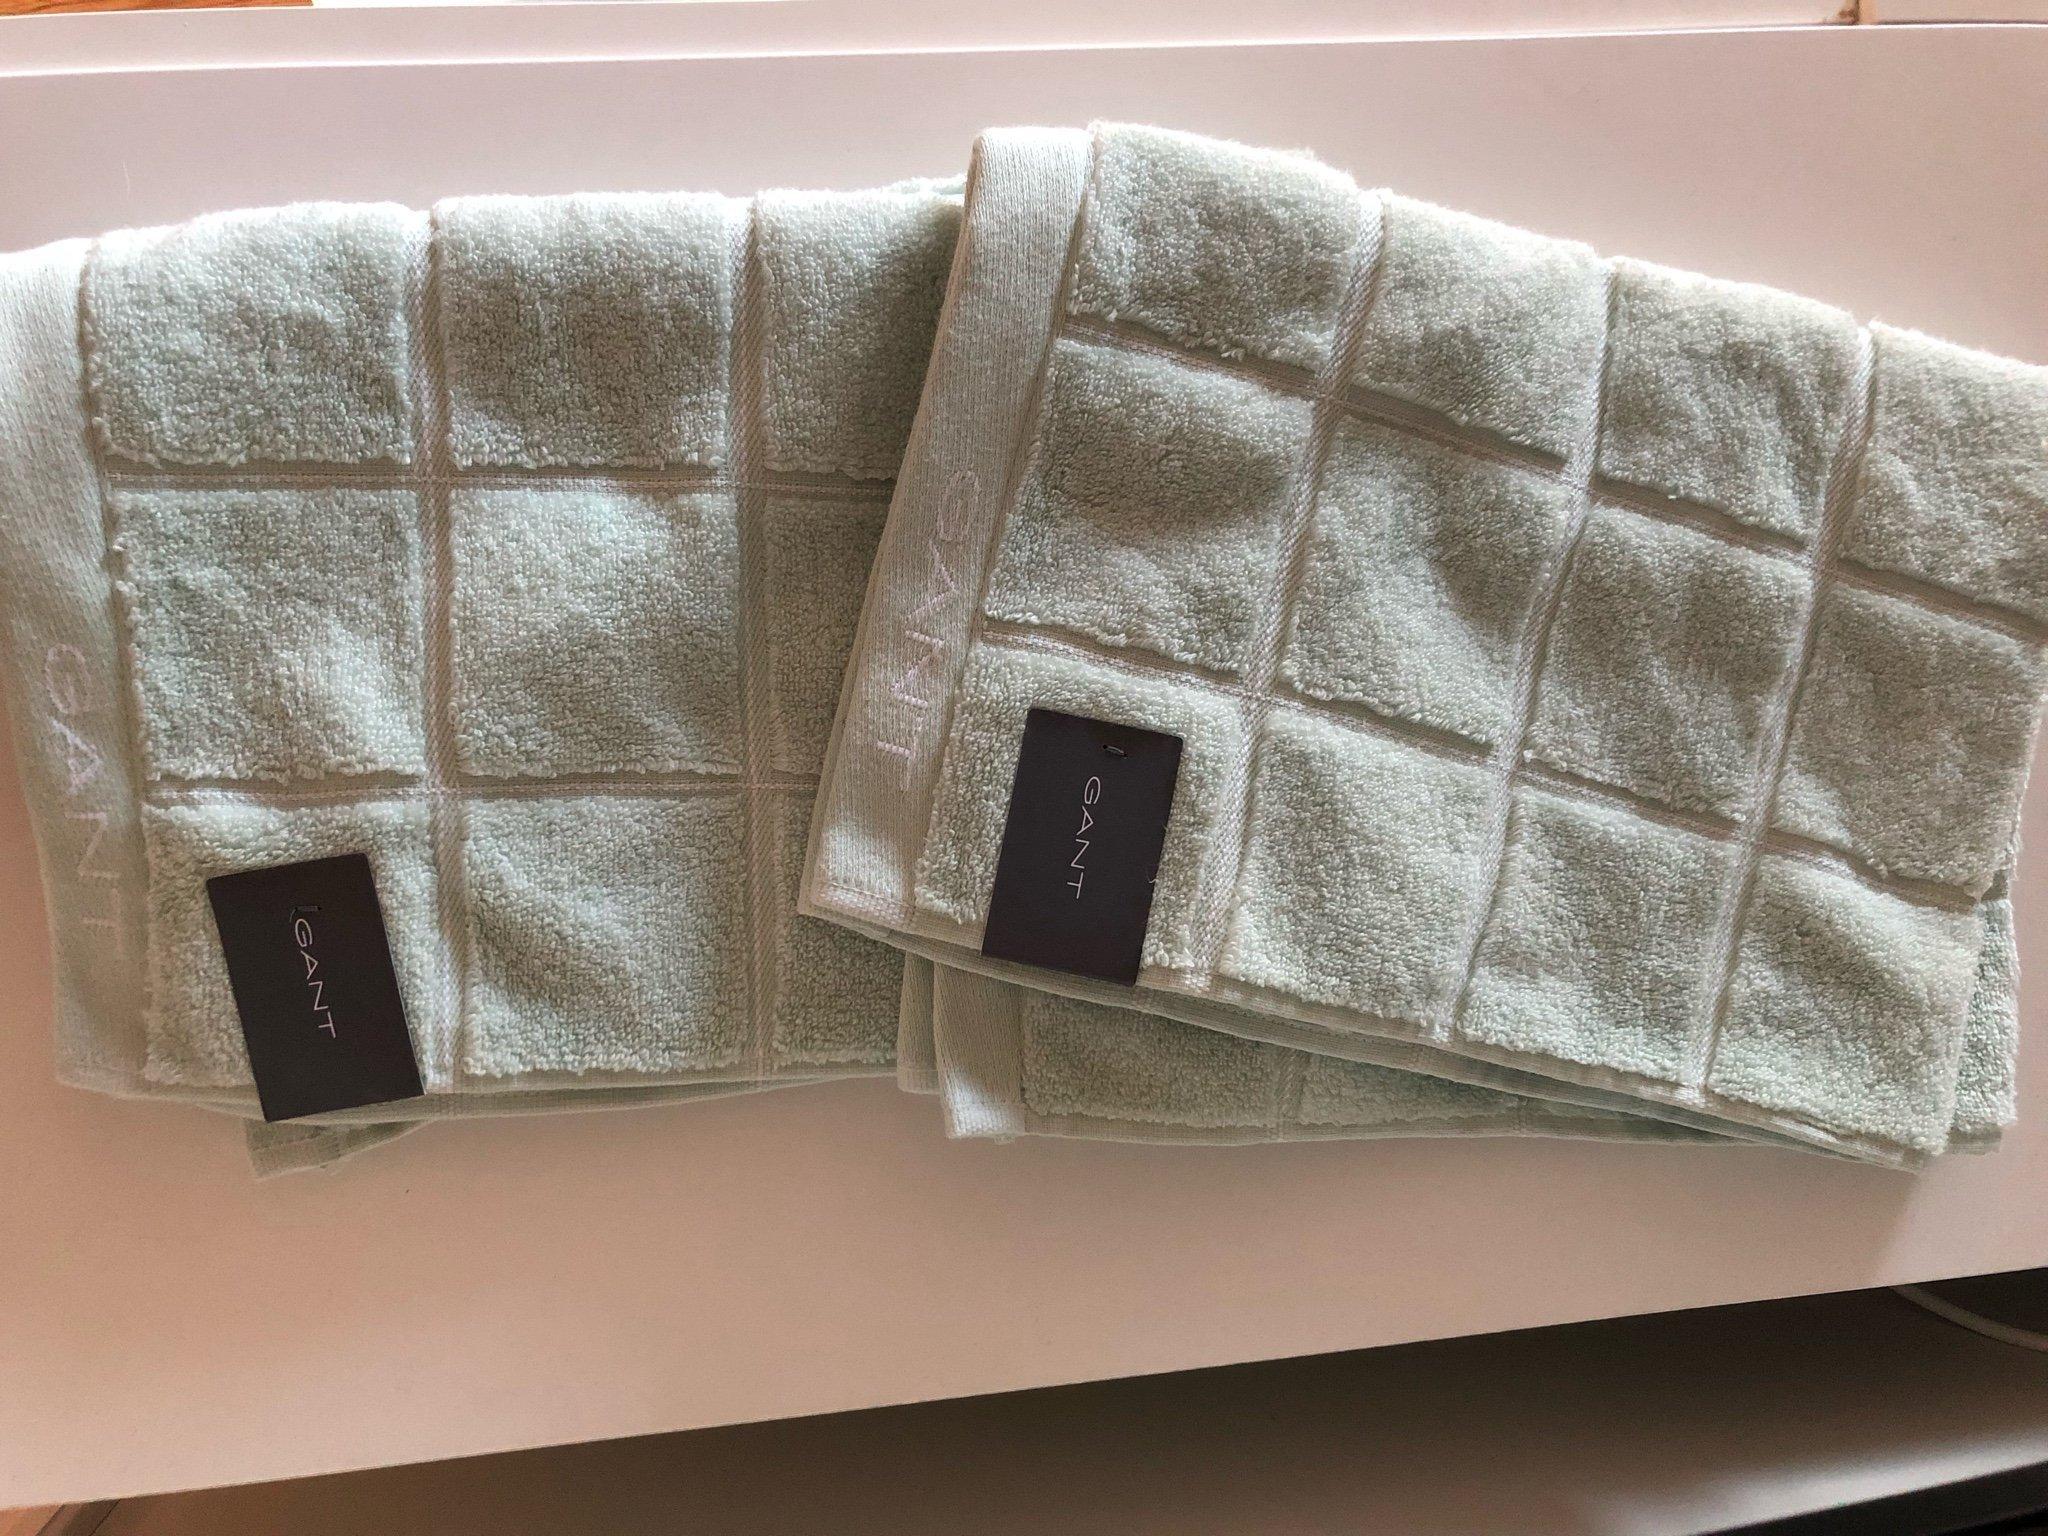 bra ut x storlek 7 nytt koncept 2 nya Windows check gant handdukar. (371622857) ᐈ Köp på Tradera